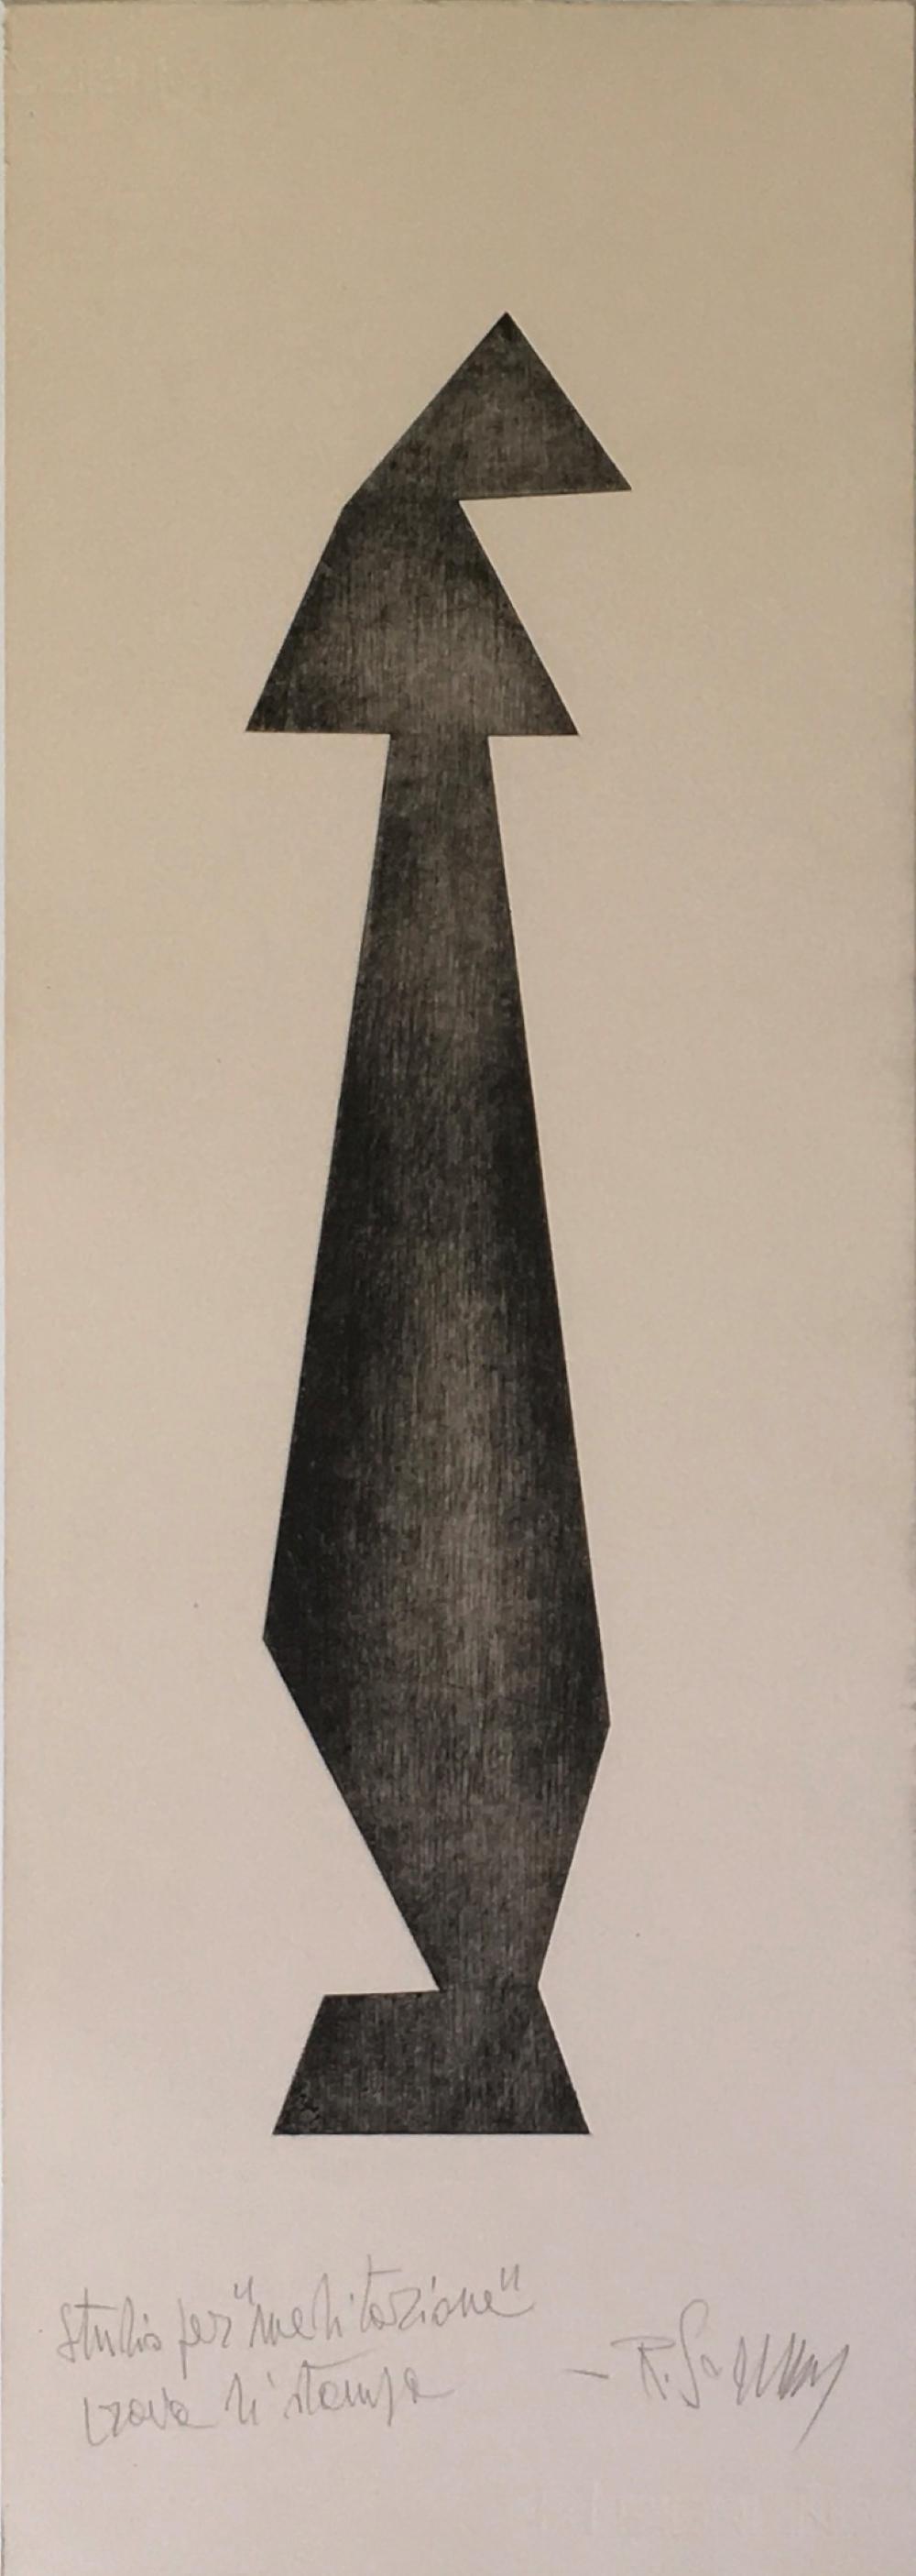 Sommaruga Renzo - Studio per Meditazione, 1955